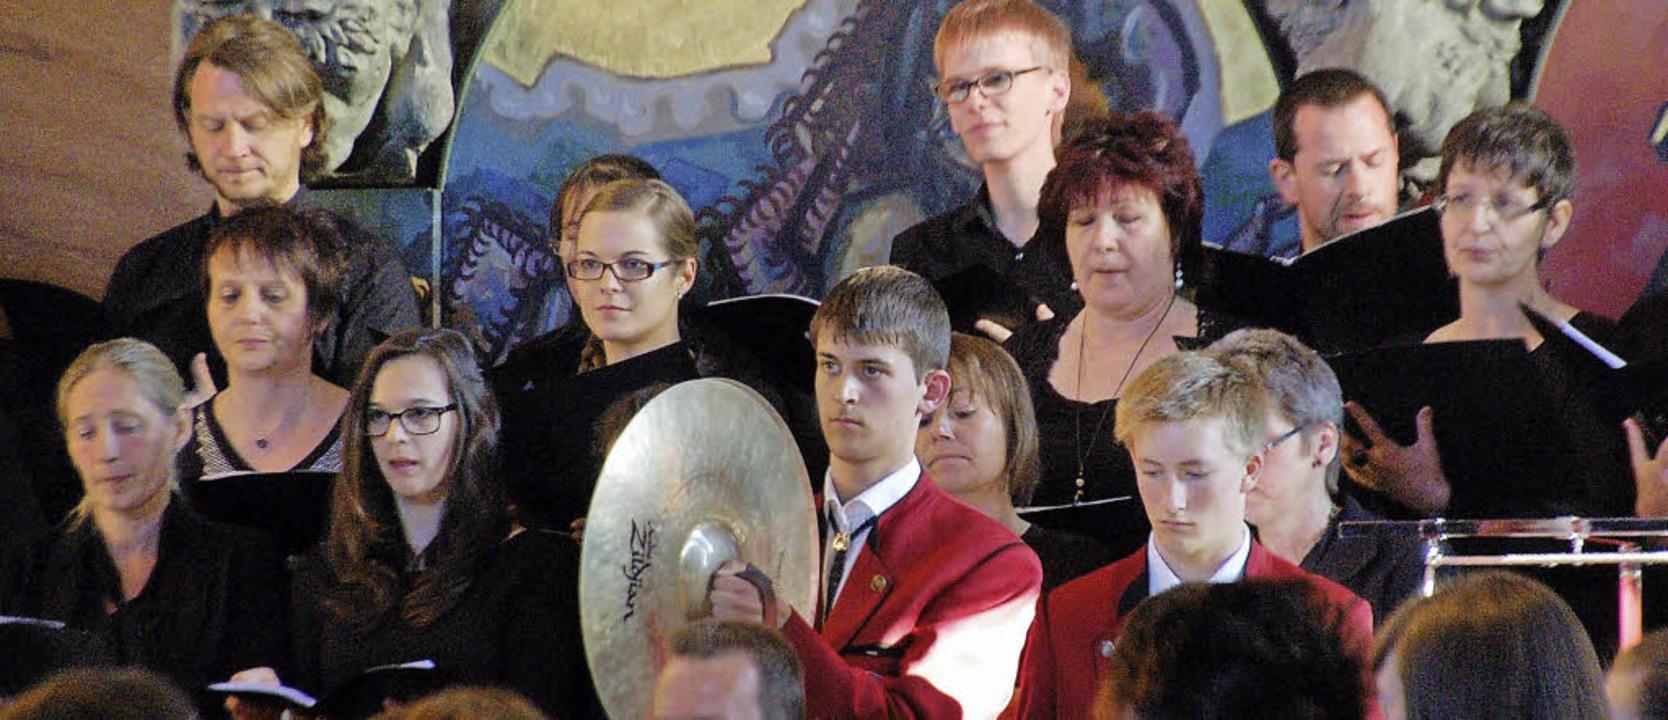 Bläser und Schlagwerker des Musikvereins  boten mit dem CVJM-Chor Kirchenmusik.     Foto: Helena Kiefer